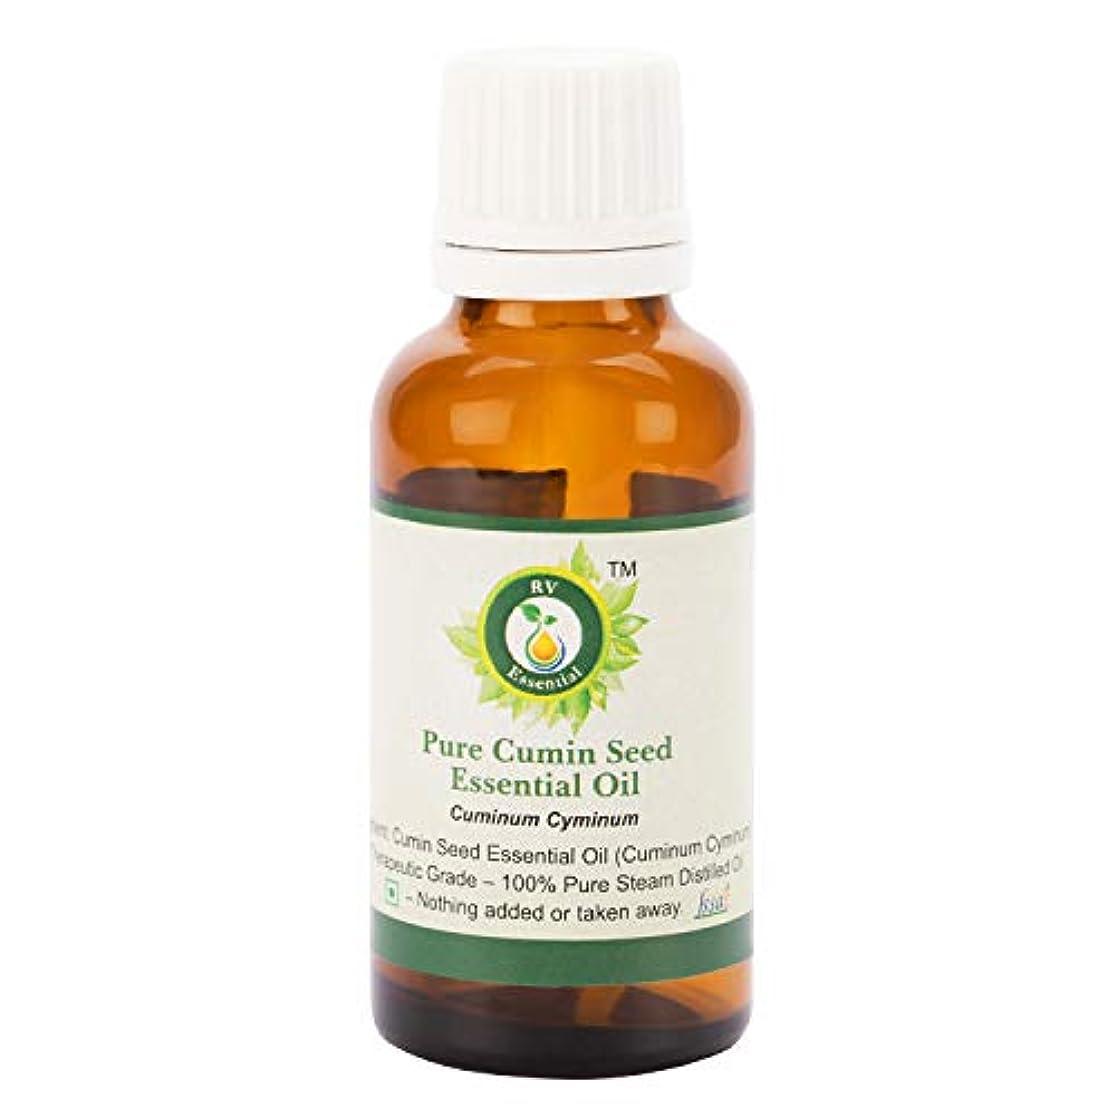 アフリカ擁するオデュッセウスピュアクミンシードエッセンシャルオイル5ml (0.169oz)- Cuminum Cyminum (100%純粋&天然スチームDistilled) Pure Cumin Seed Essential Oil